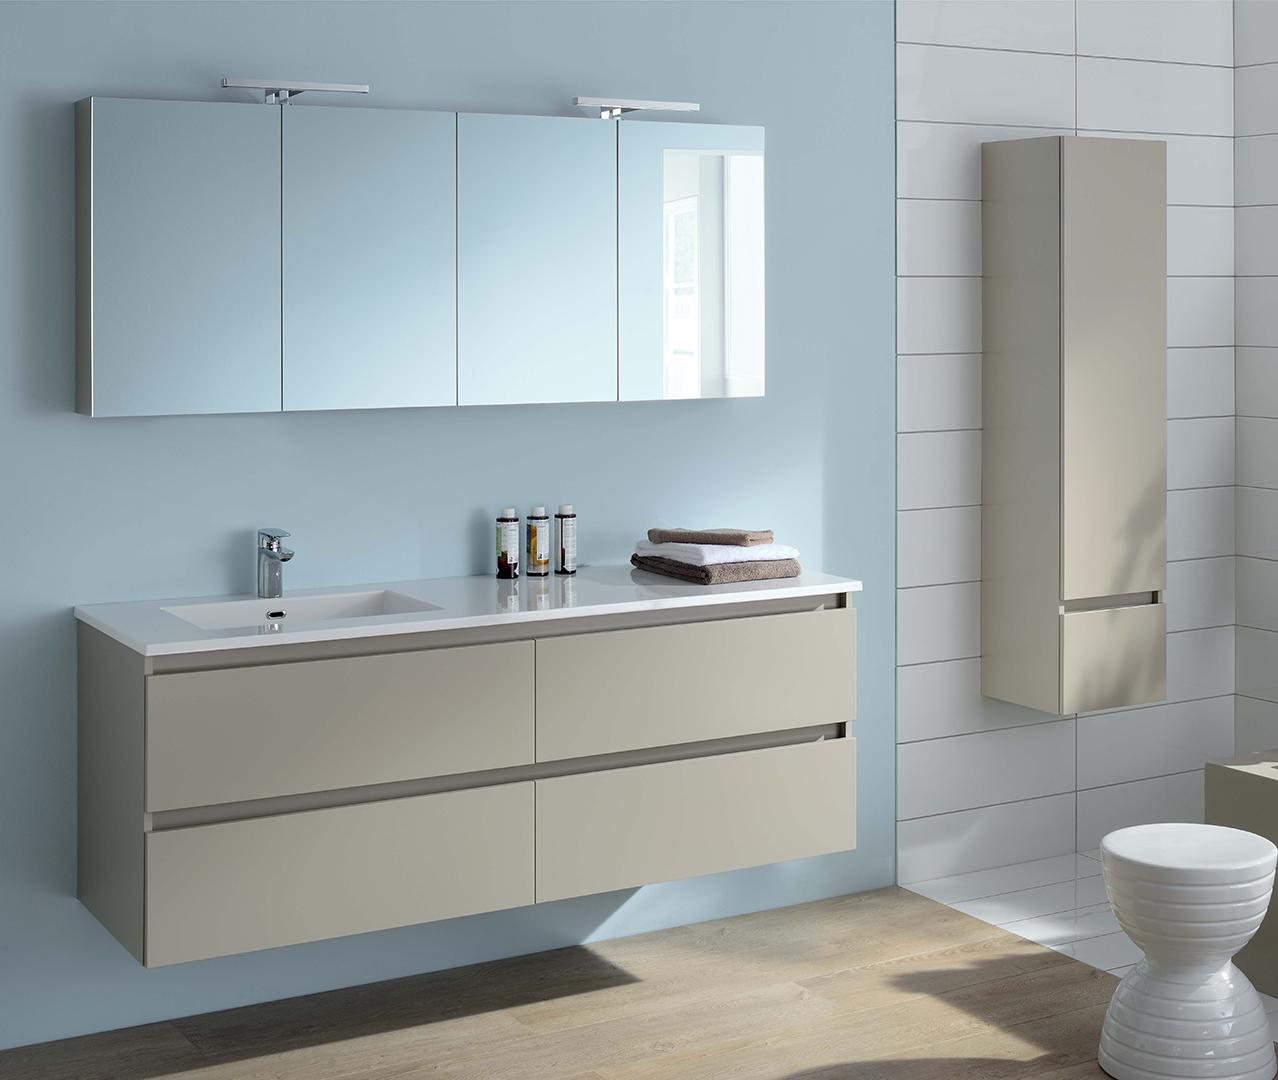 Toutes nos gammes meuble salle de bains sanijura for Meuble de salle de bain cedeo